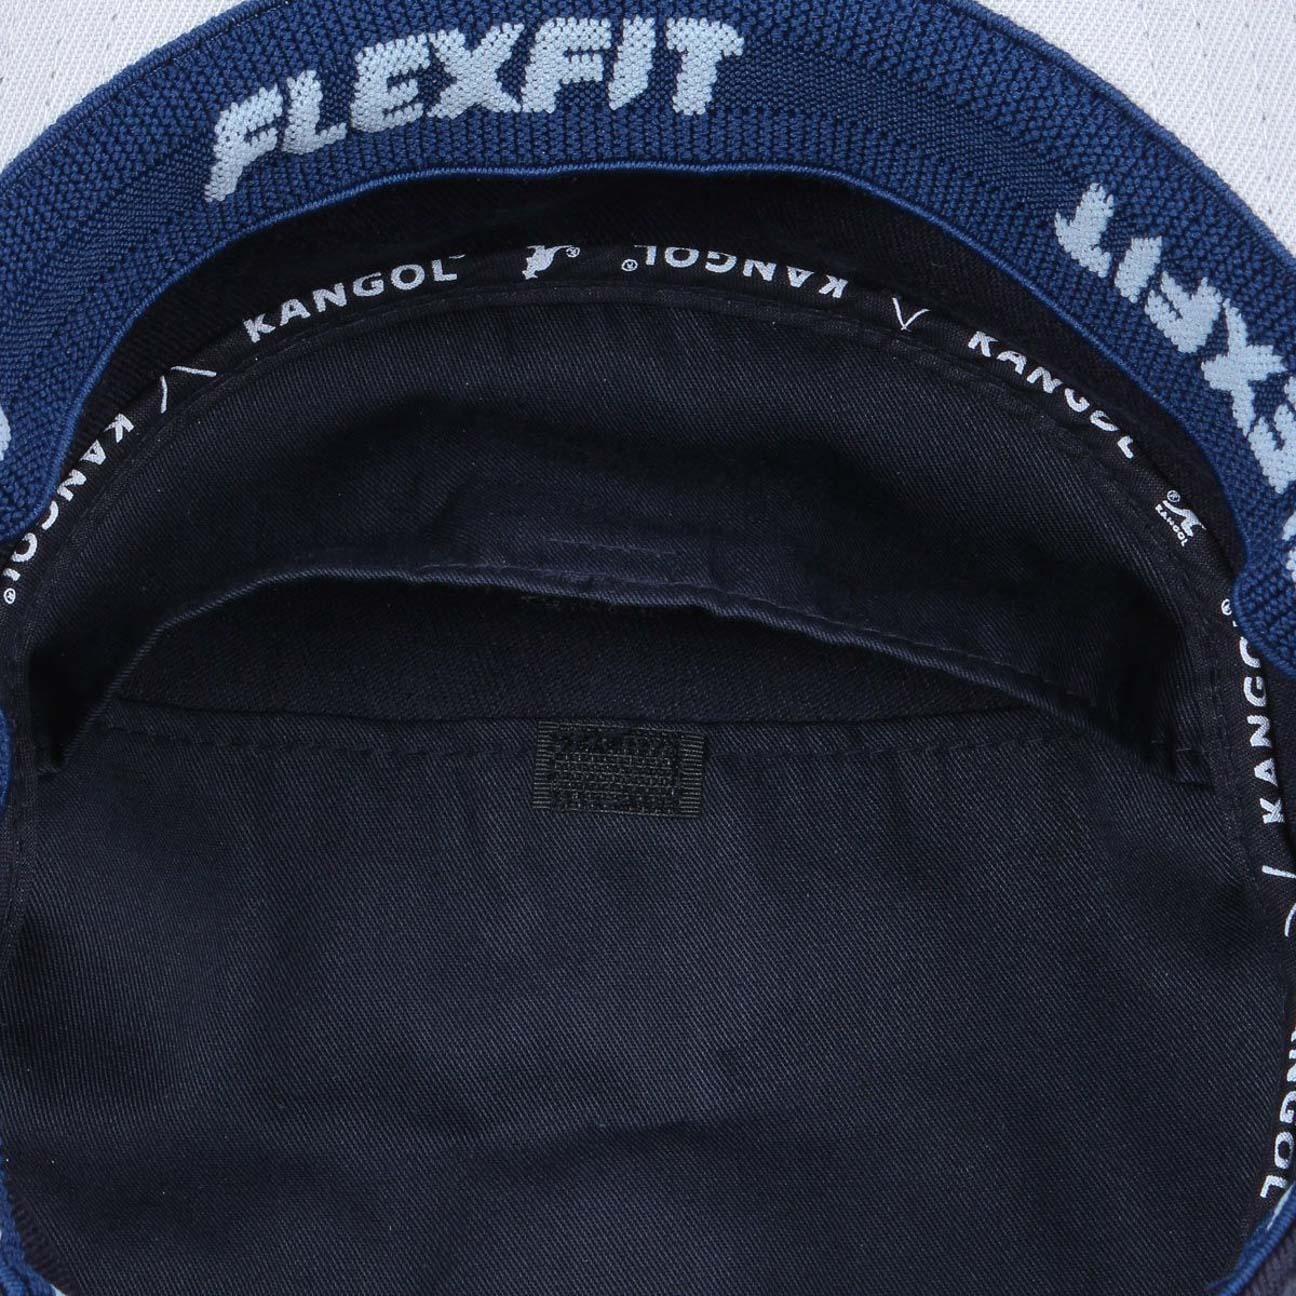 ... Championship Army Cap Flexfit by Kangol - blue 6 ... 1e82e86544d7